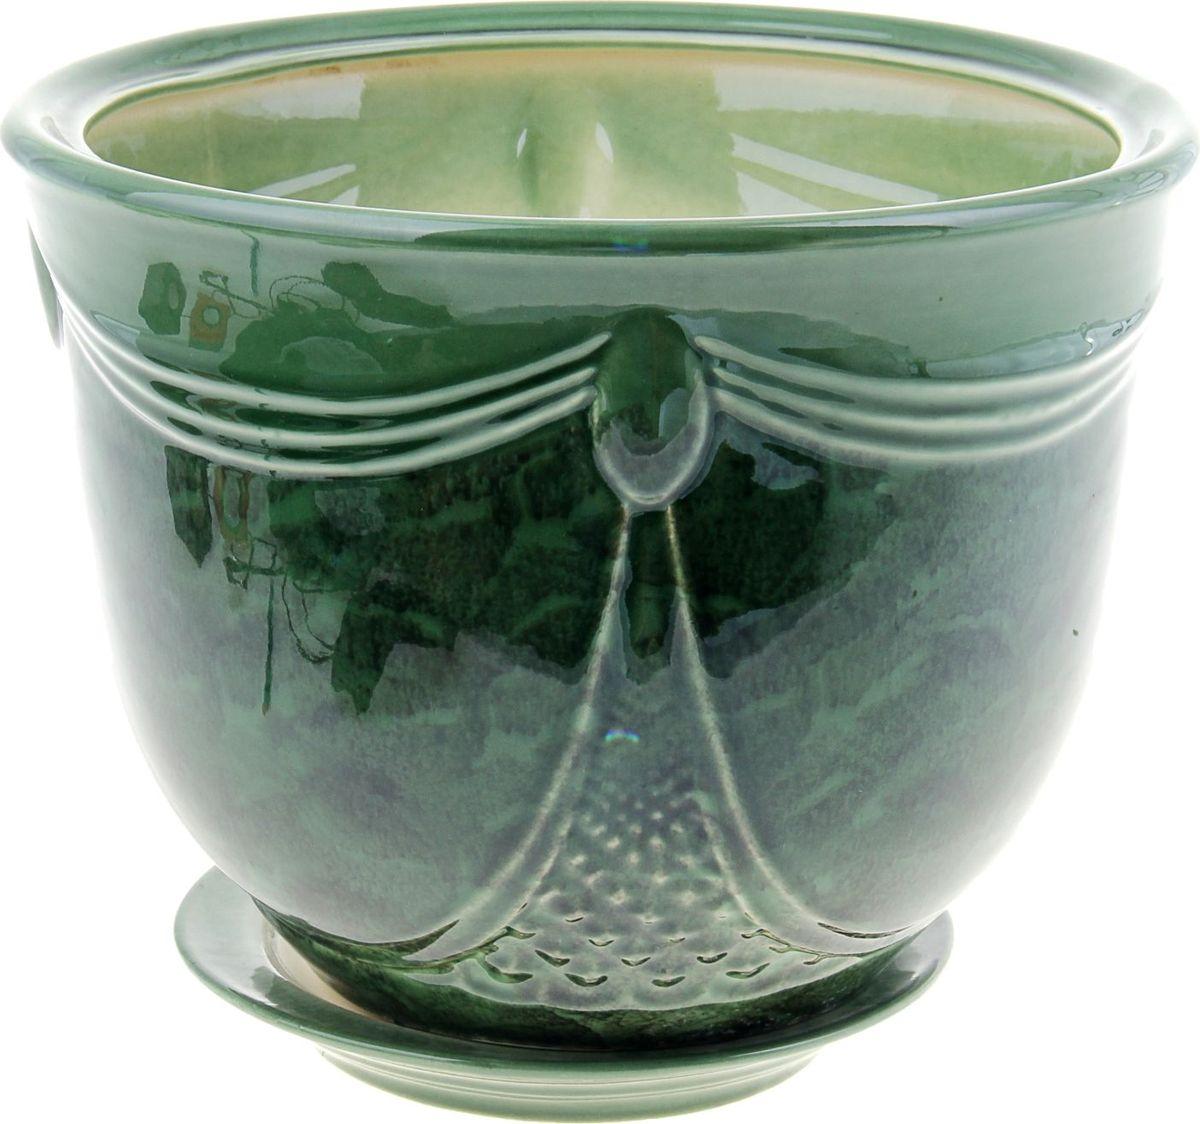 Кашпо Аква, цвет: зеленый, 8 л840170Комнатные растения — всеобщие любимцы. Они радуют глаз, насыщают помещение кислородом и украшают пространство. Каждому из них необходим свой удобный и красивый дом. Кашпо из керамики прекрасно подходят для высадки растений: за счёт пластичности глины и разных способов обработки существует великое множество форм и дизайновпористый материал позволяет испаряться лишней влагевоздух, необходимый для дыхания корней, проникает сквозь керамические стенки! #name# позаботится о зелёном питомце, освежит интерьер и подчеркнёт его стиль.